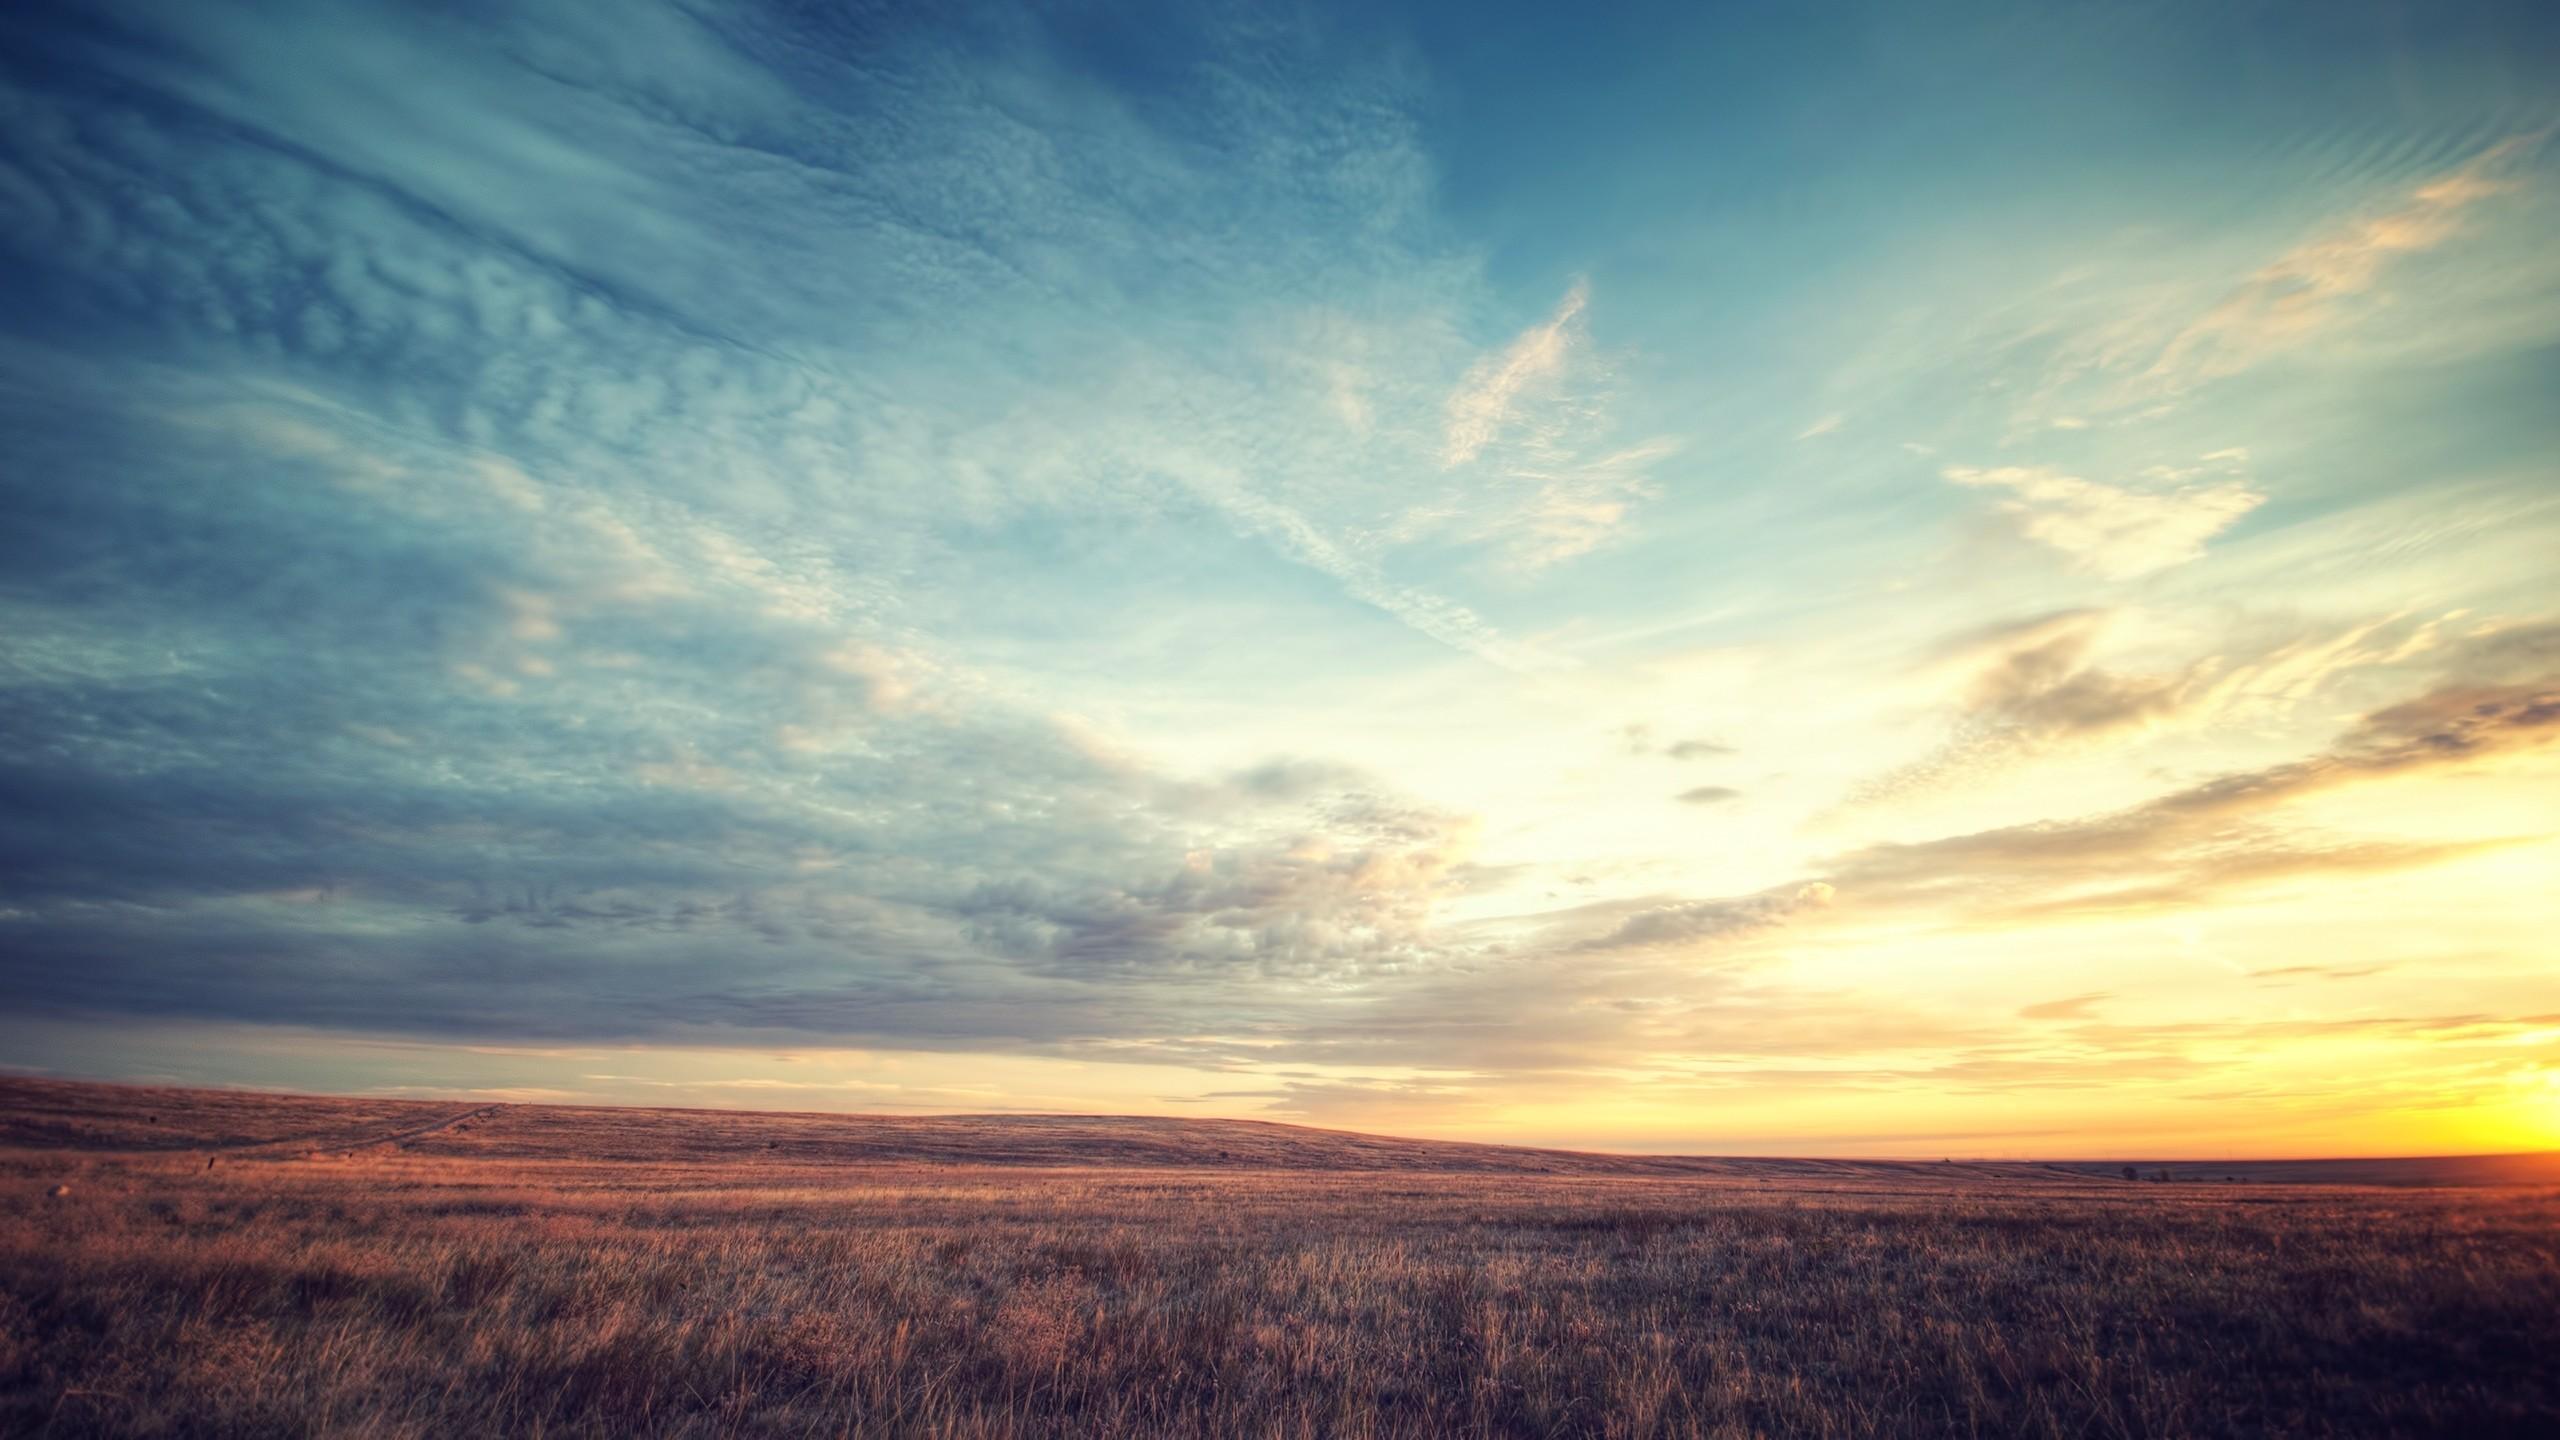 Wallpaper field, dawn, sky, beautiful scenery